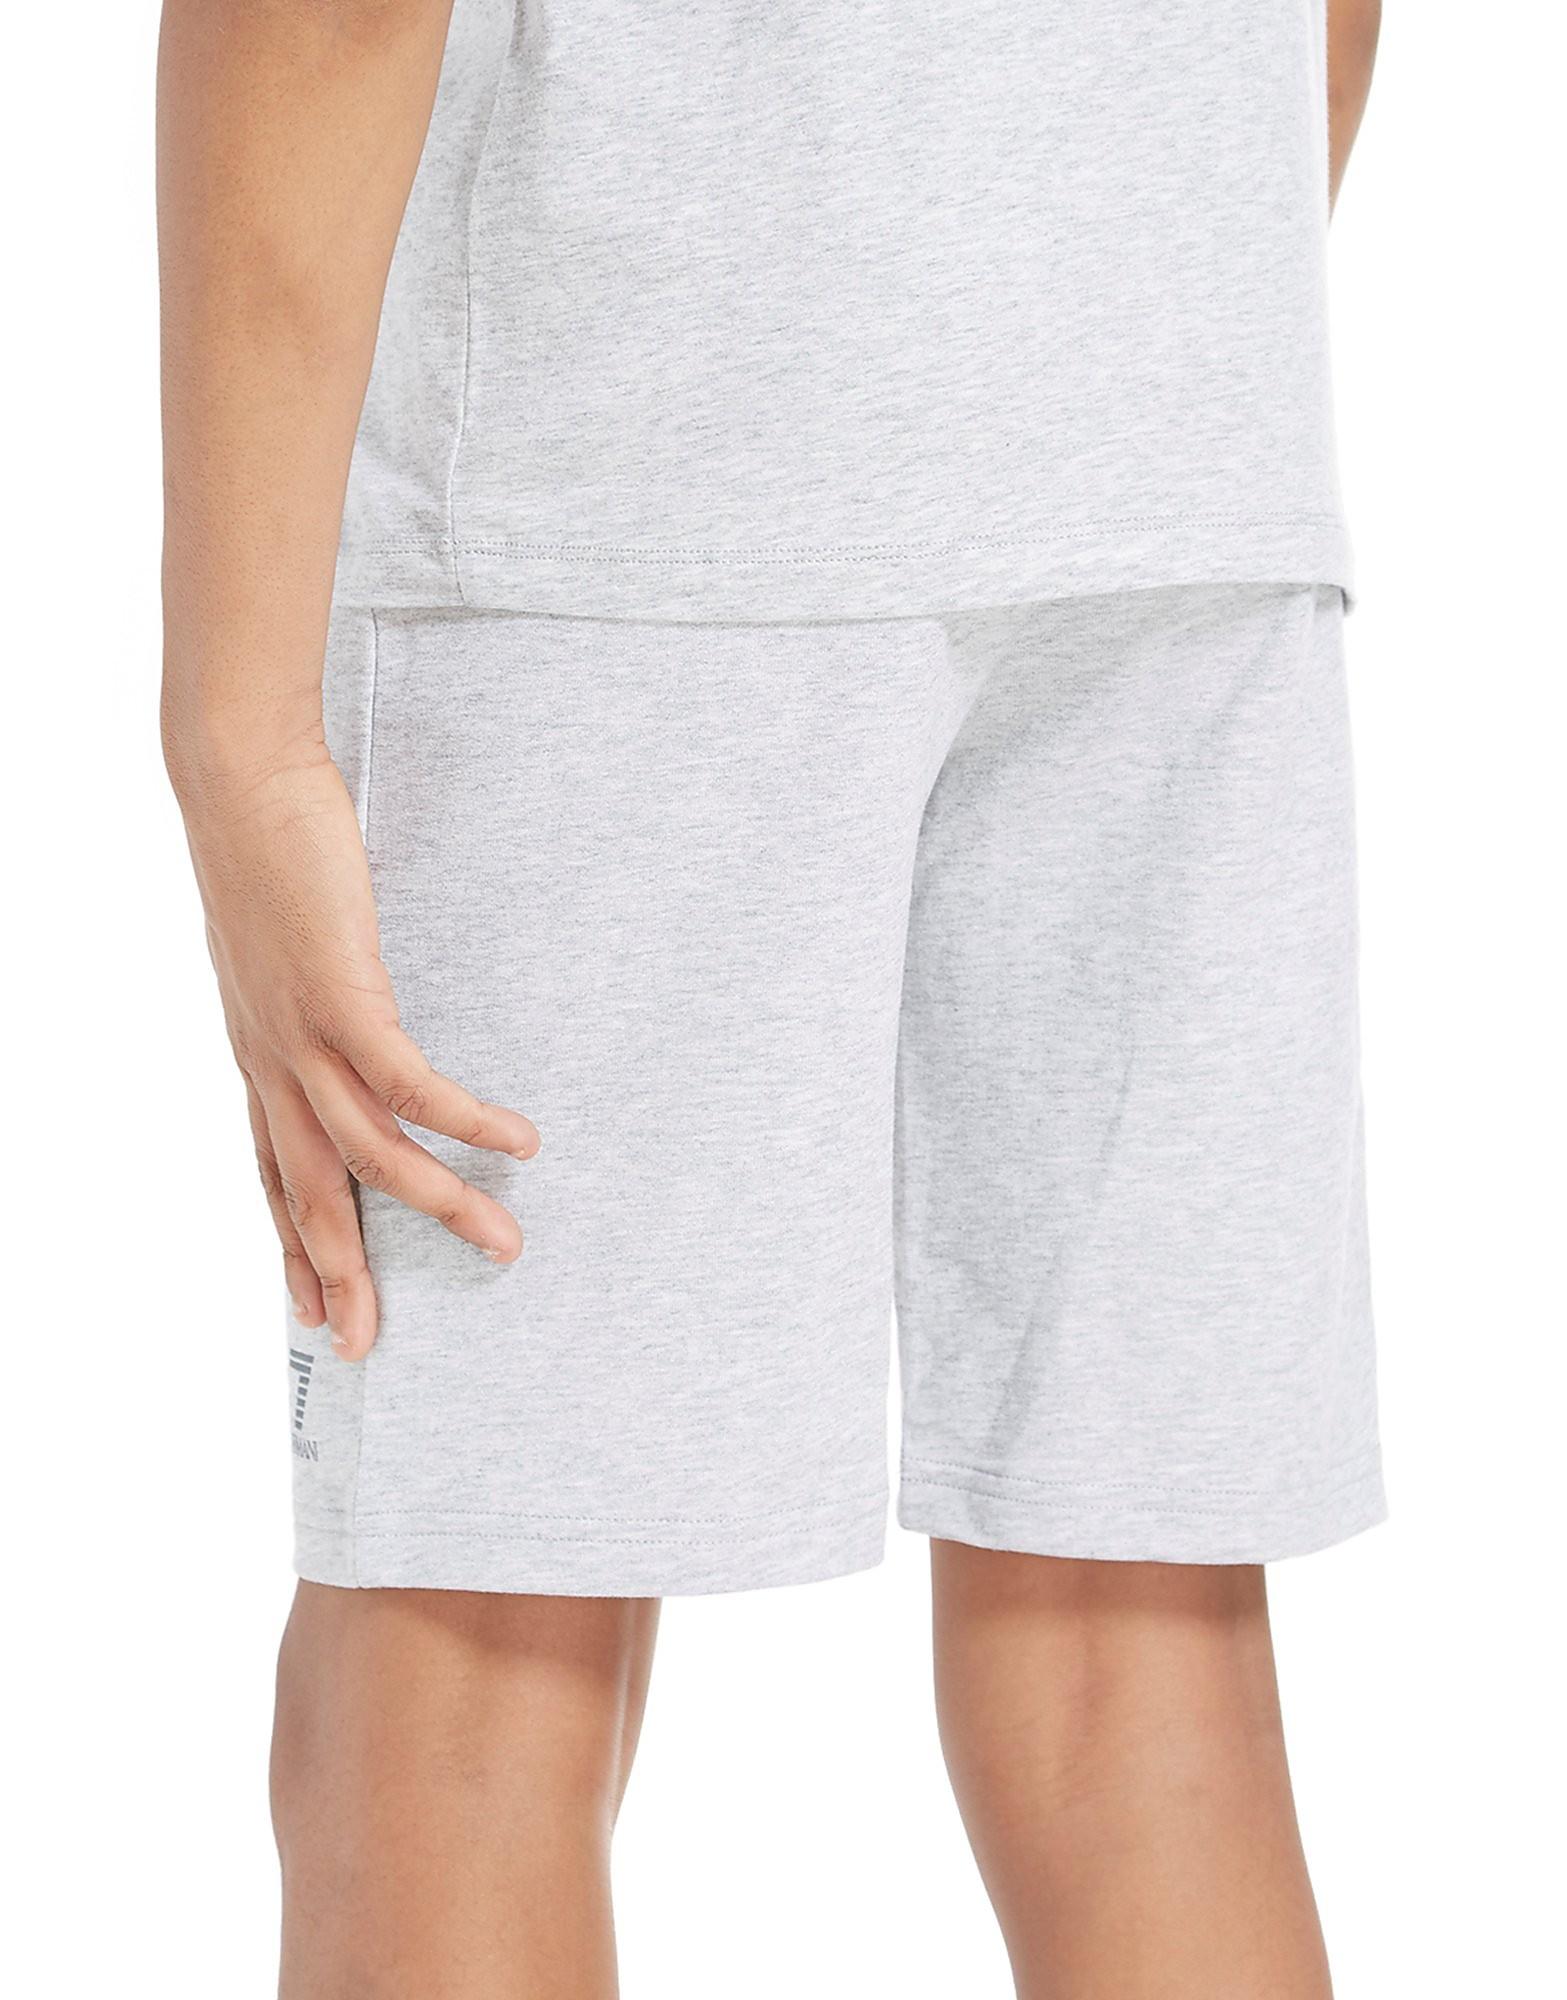 Emporio Armani EA7 Core Fleece Shorts Junior